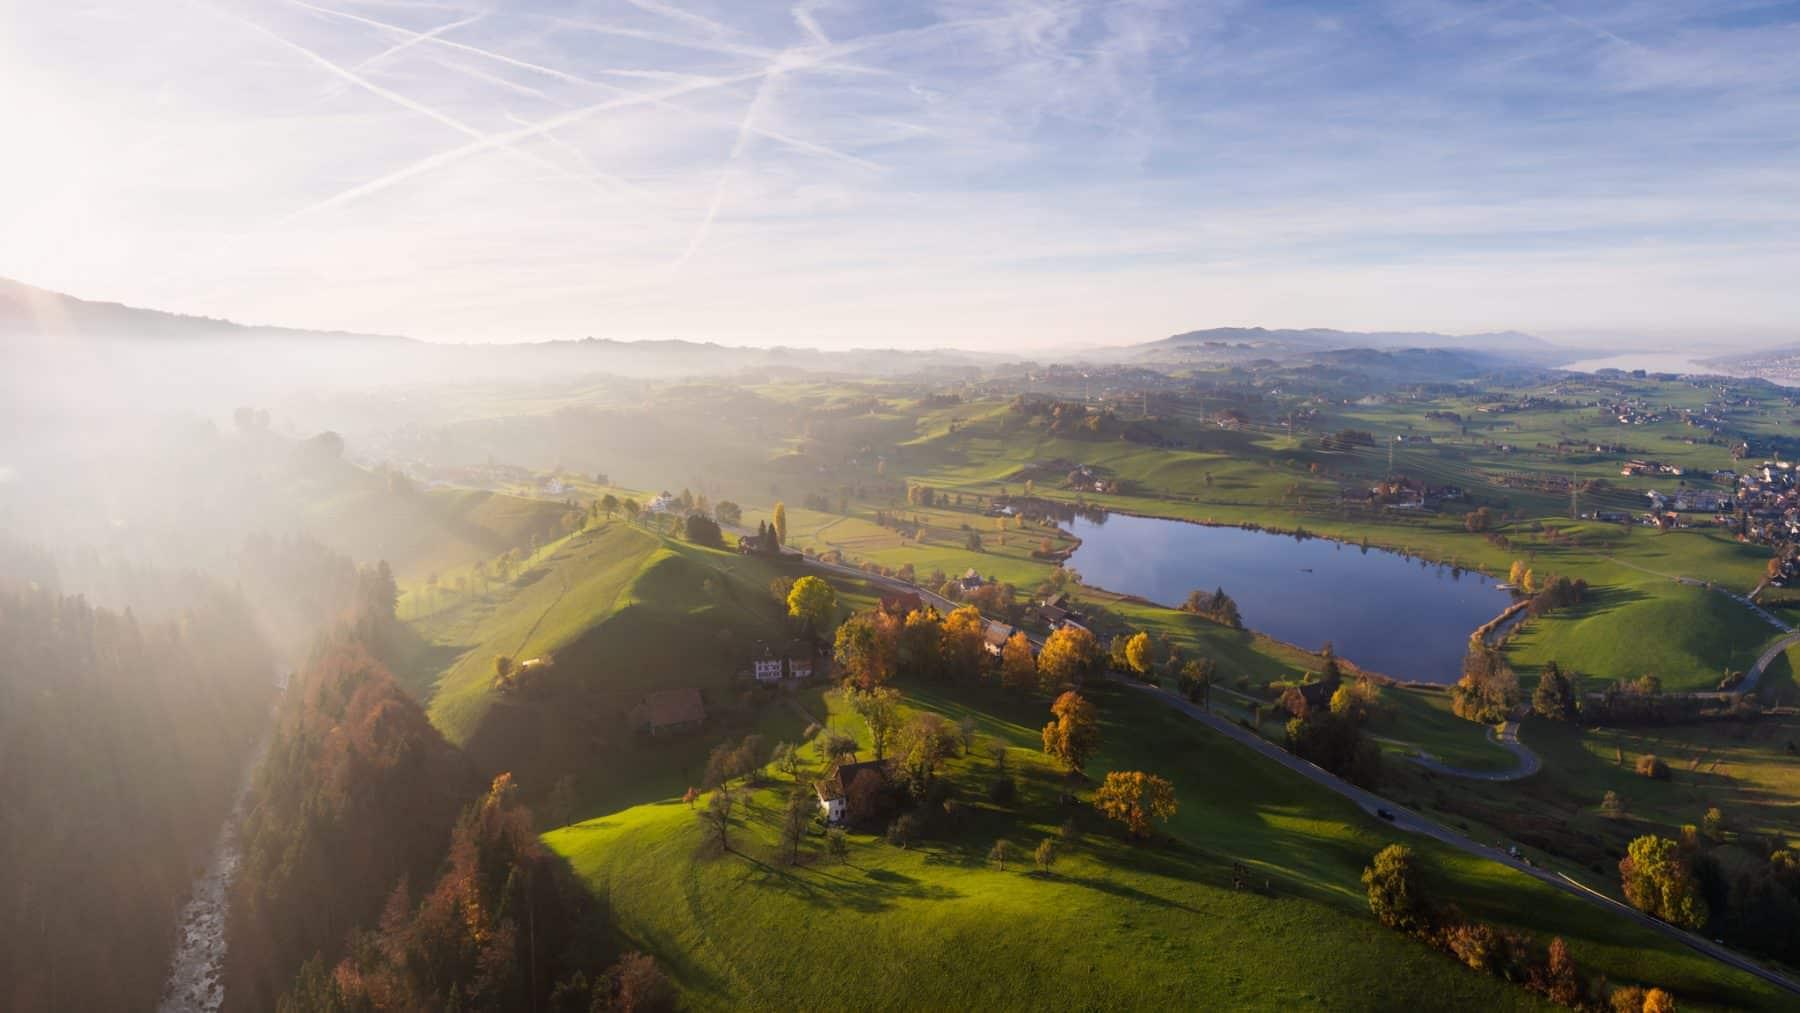 Luftaufnahme Herbststimmung Hütten Sihl und Hüttnersee